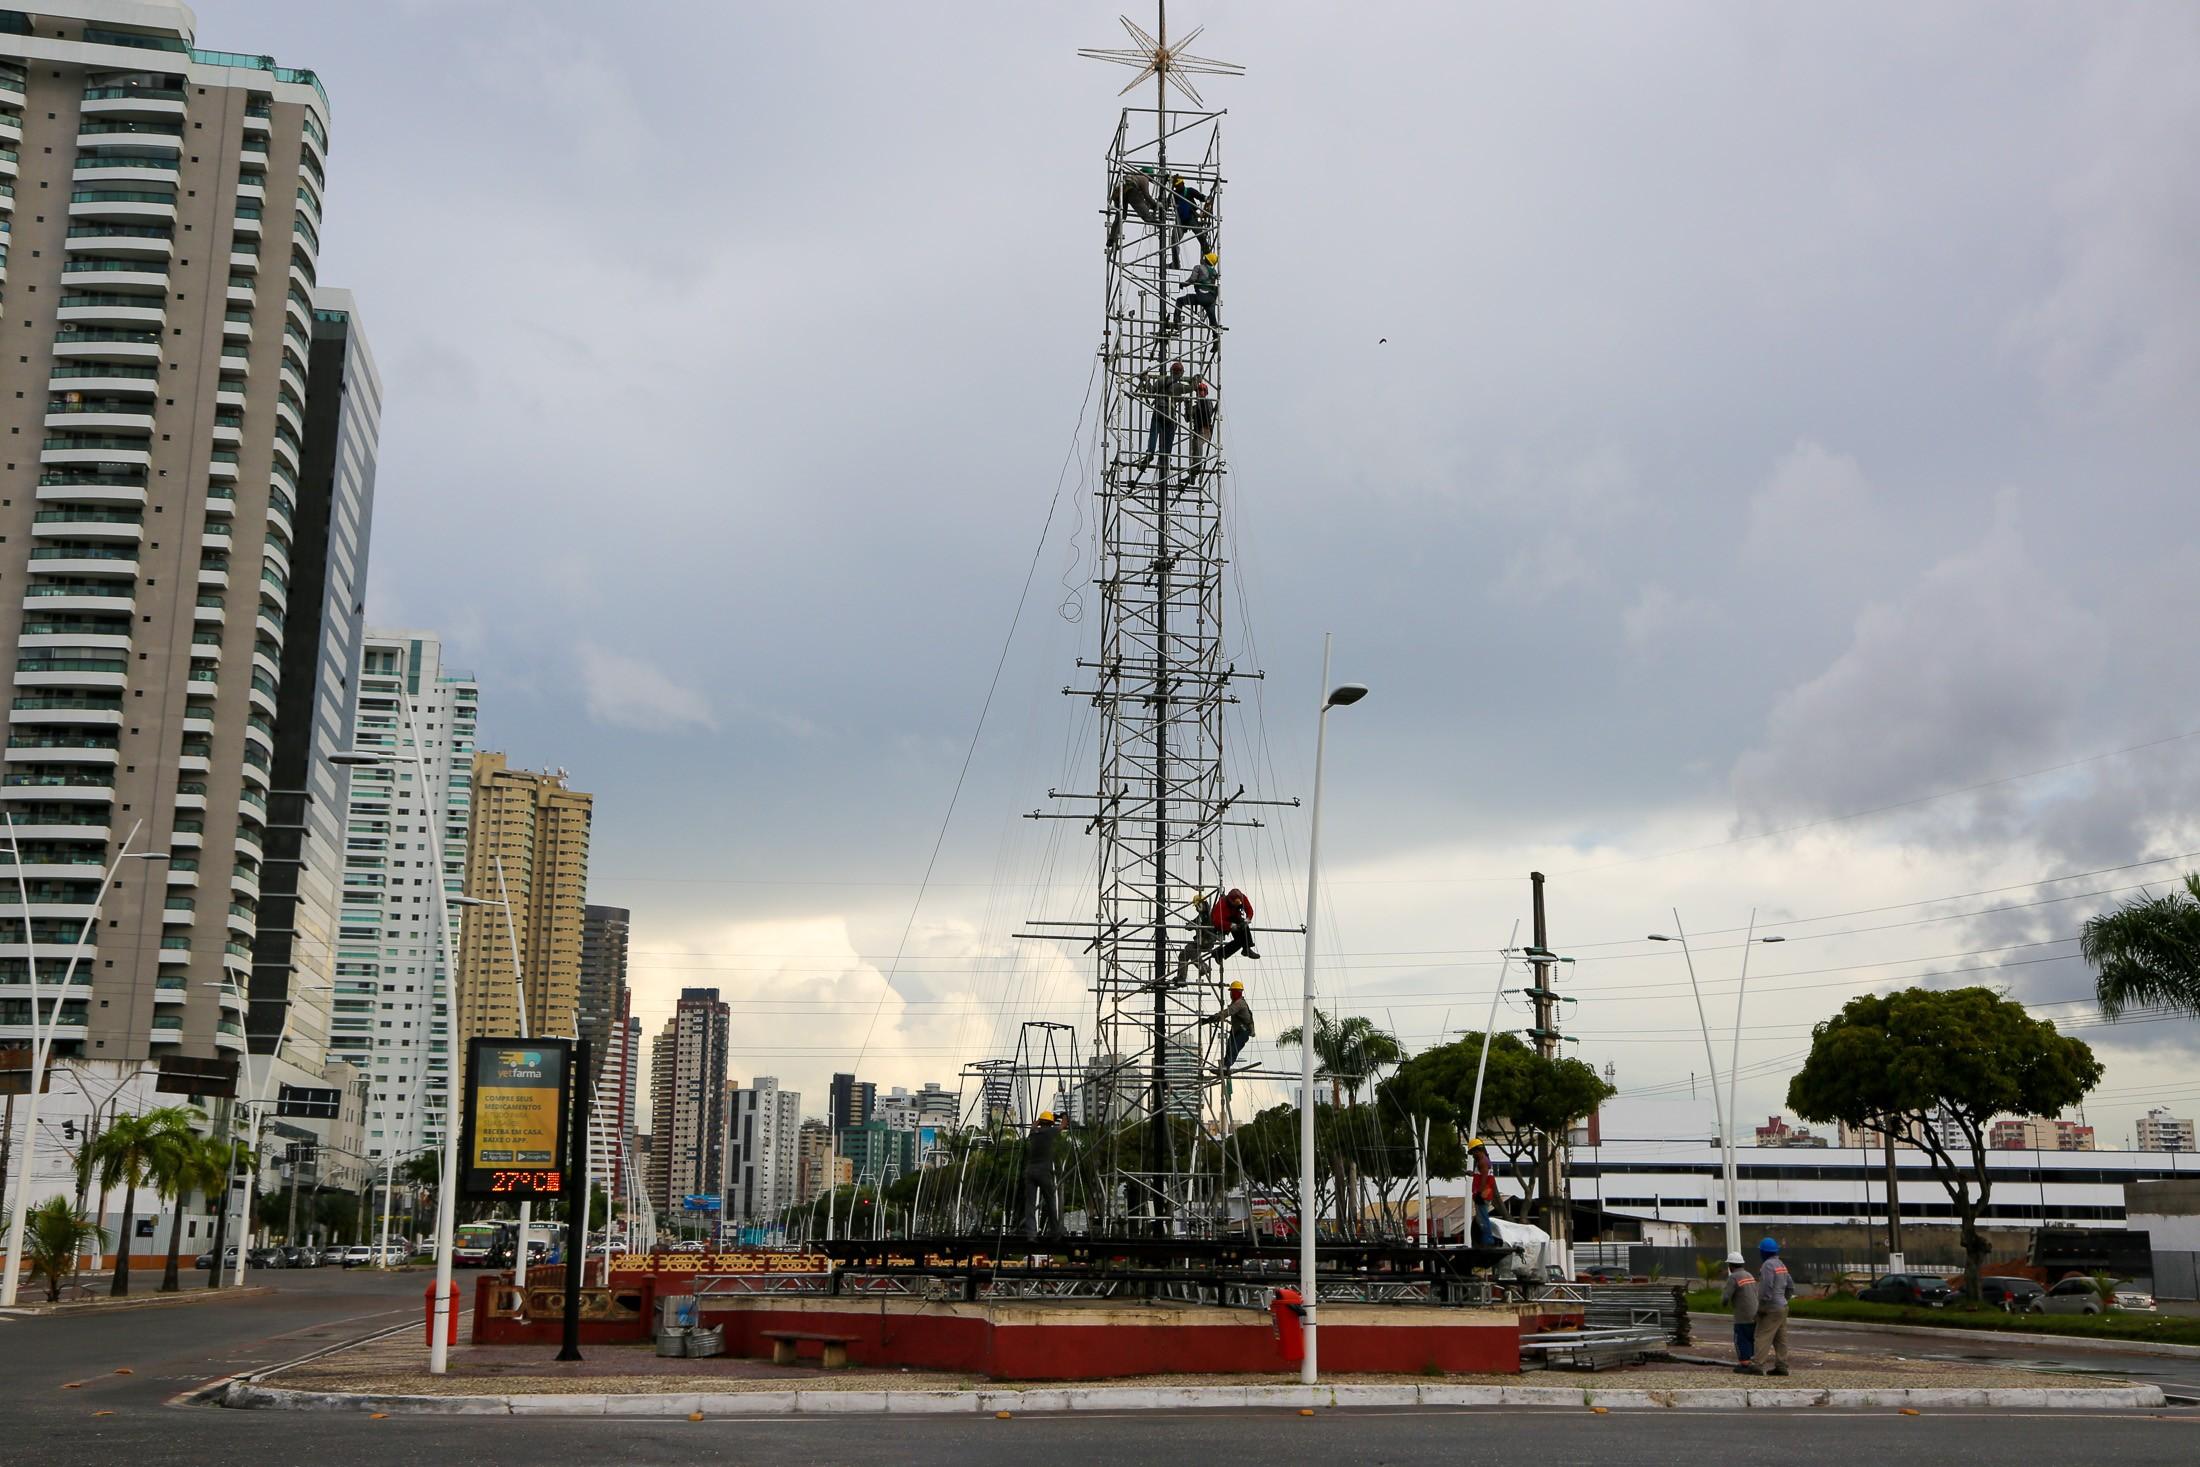 Prefeitura instala árvore de Natal de 25 metros em Belém - Noticias